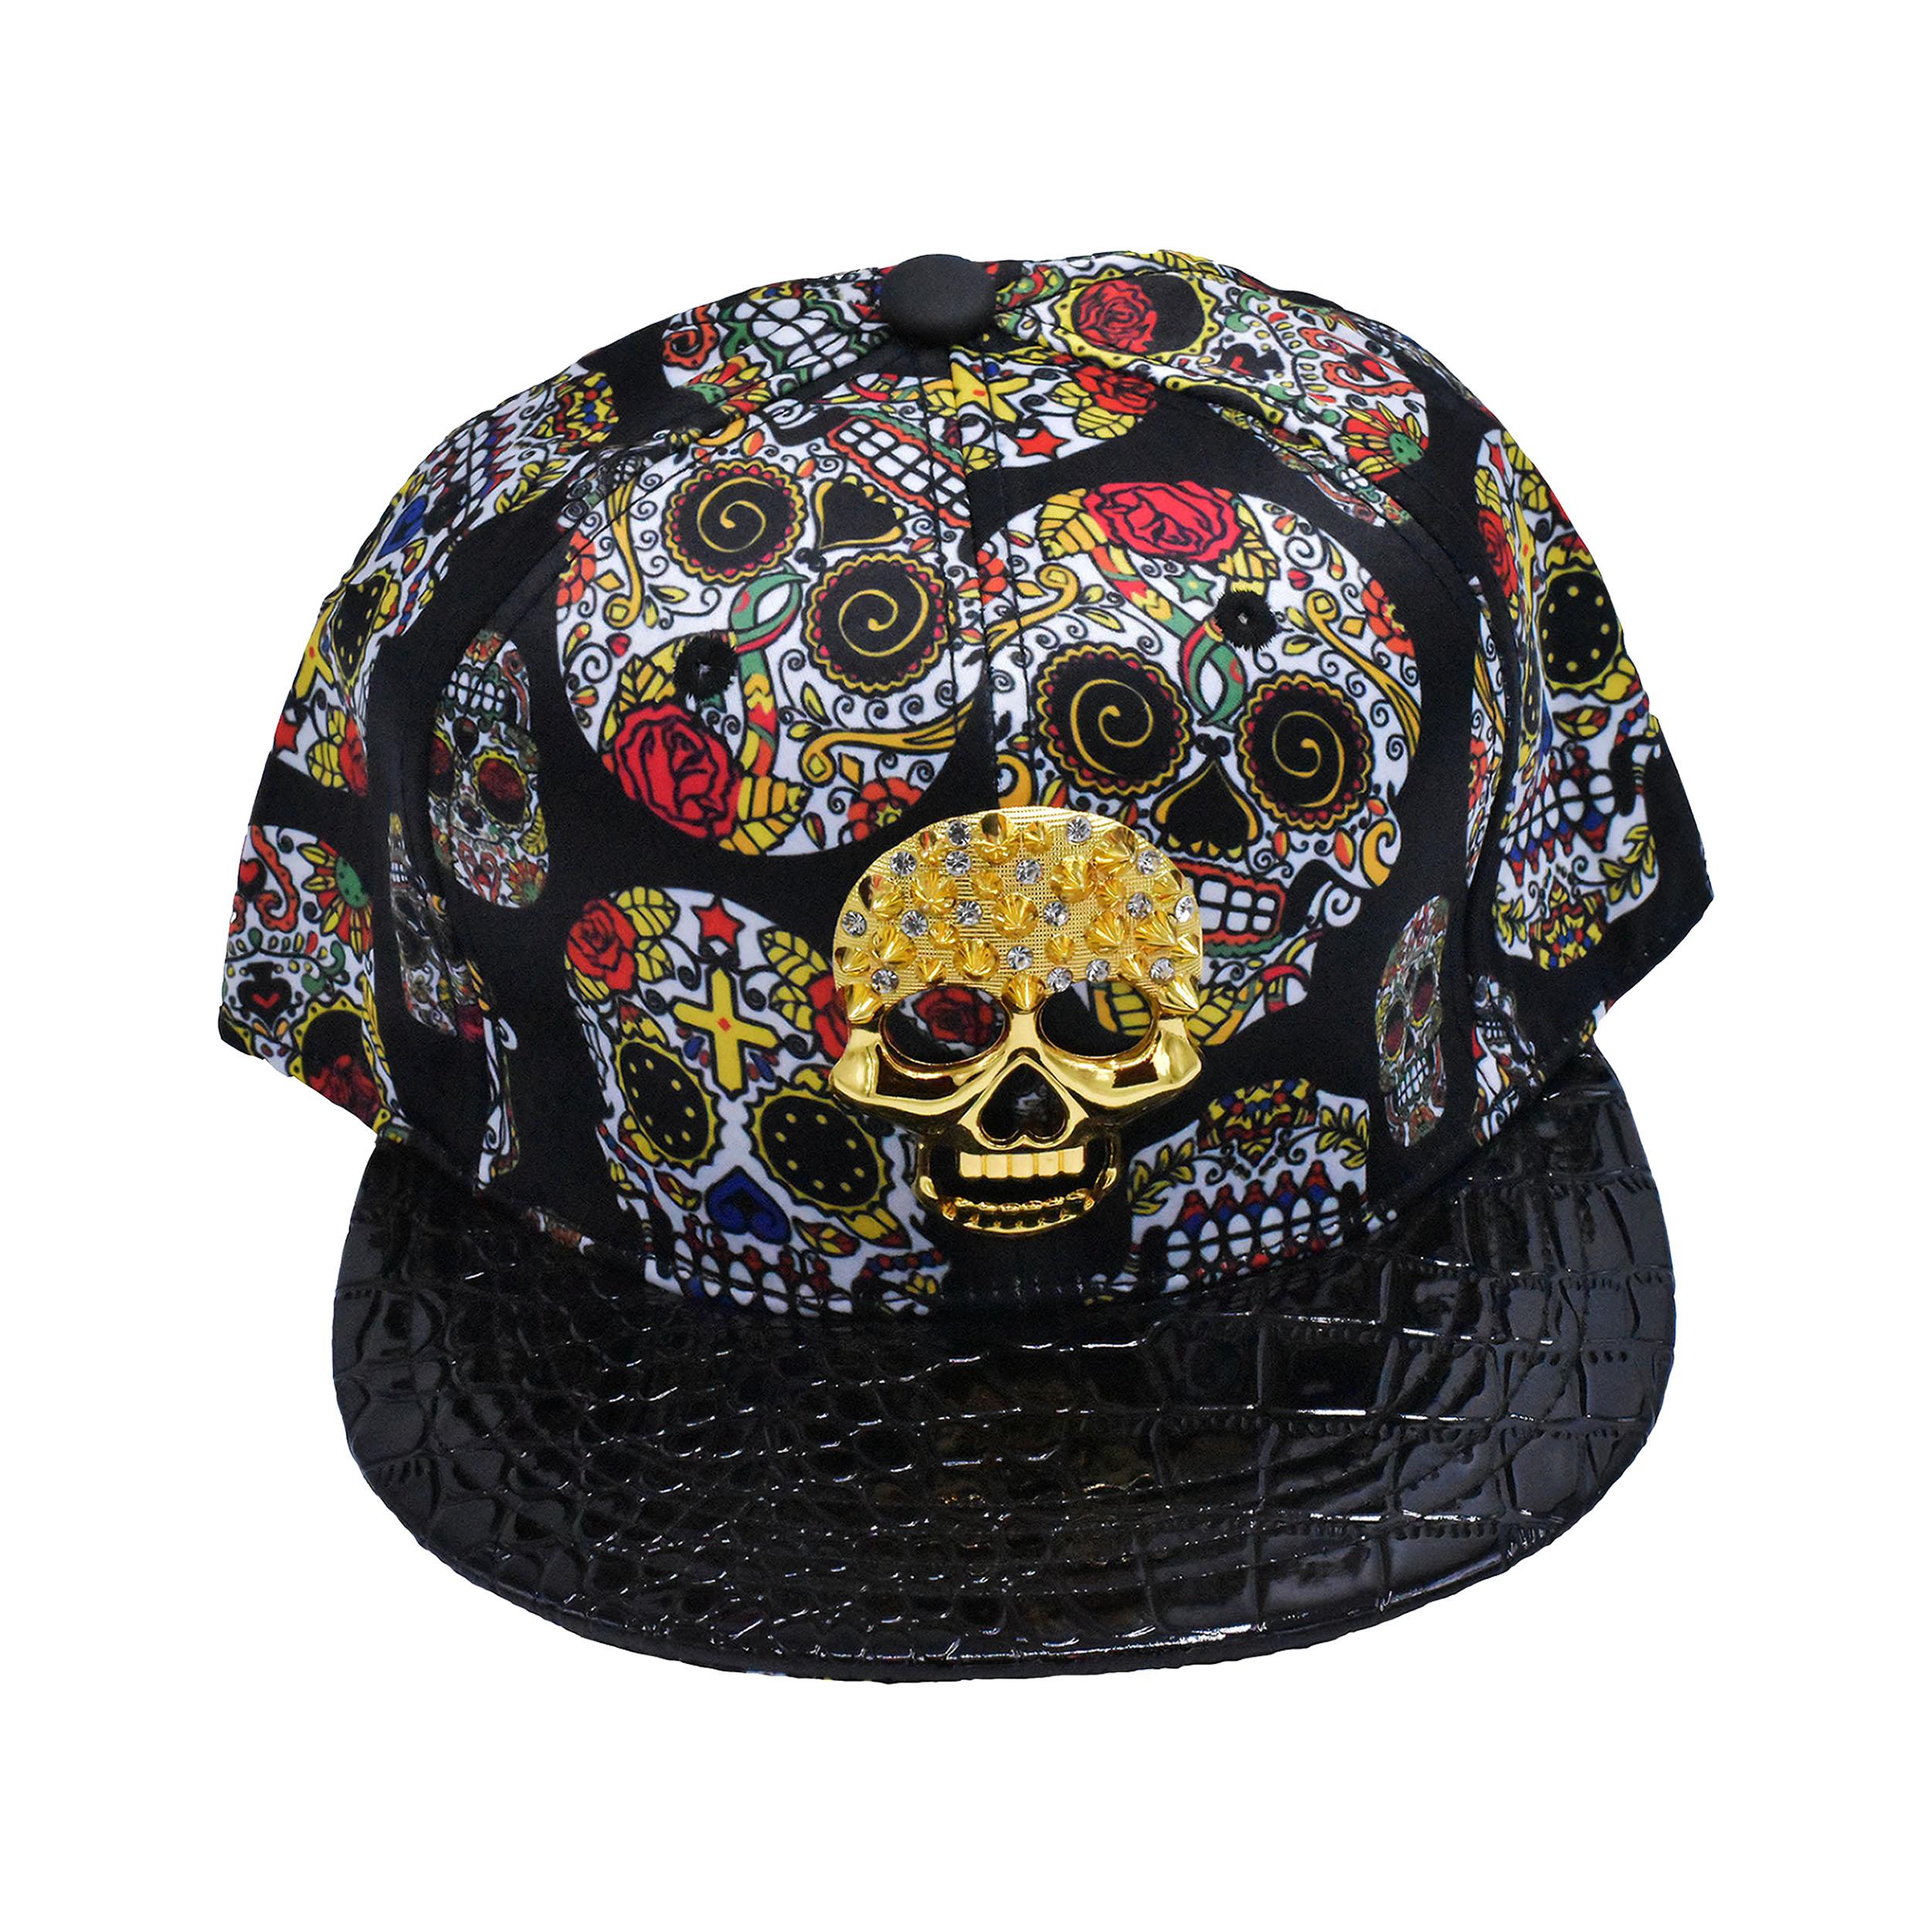 قیمت کلاه کپ طرح اسکلت کد 007